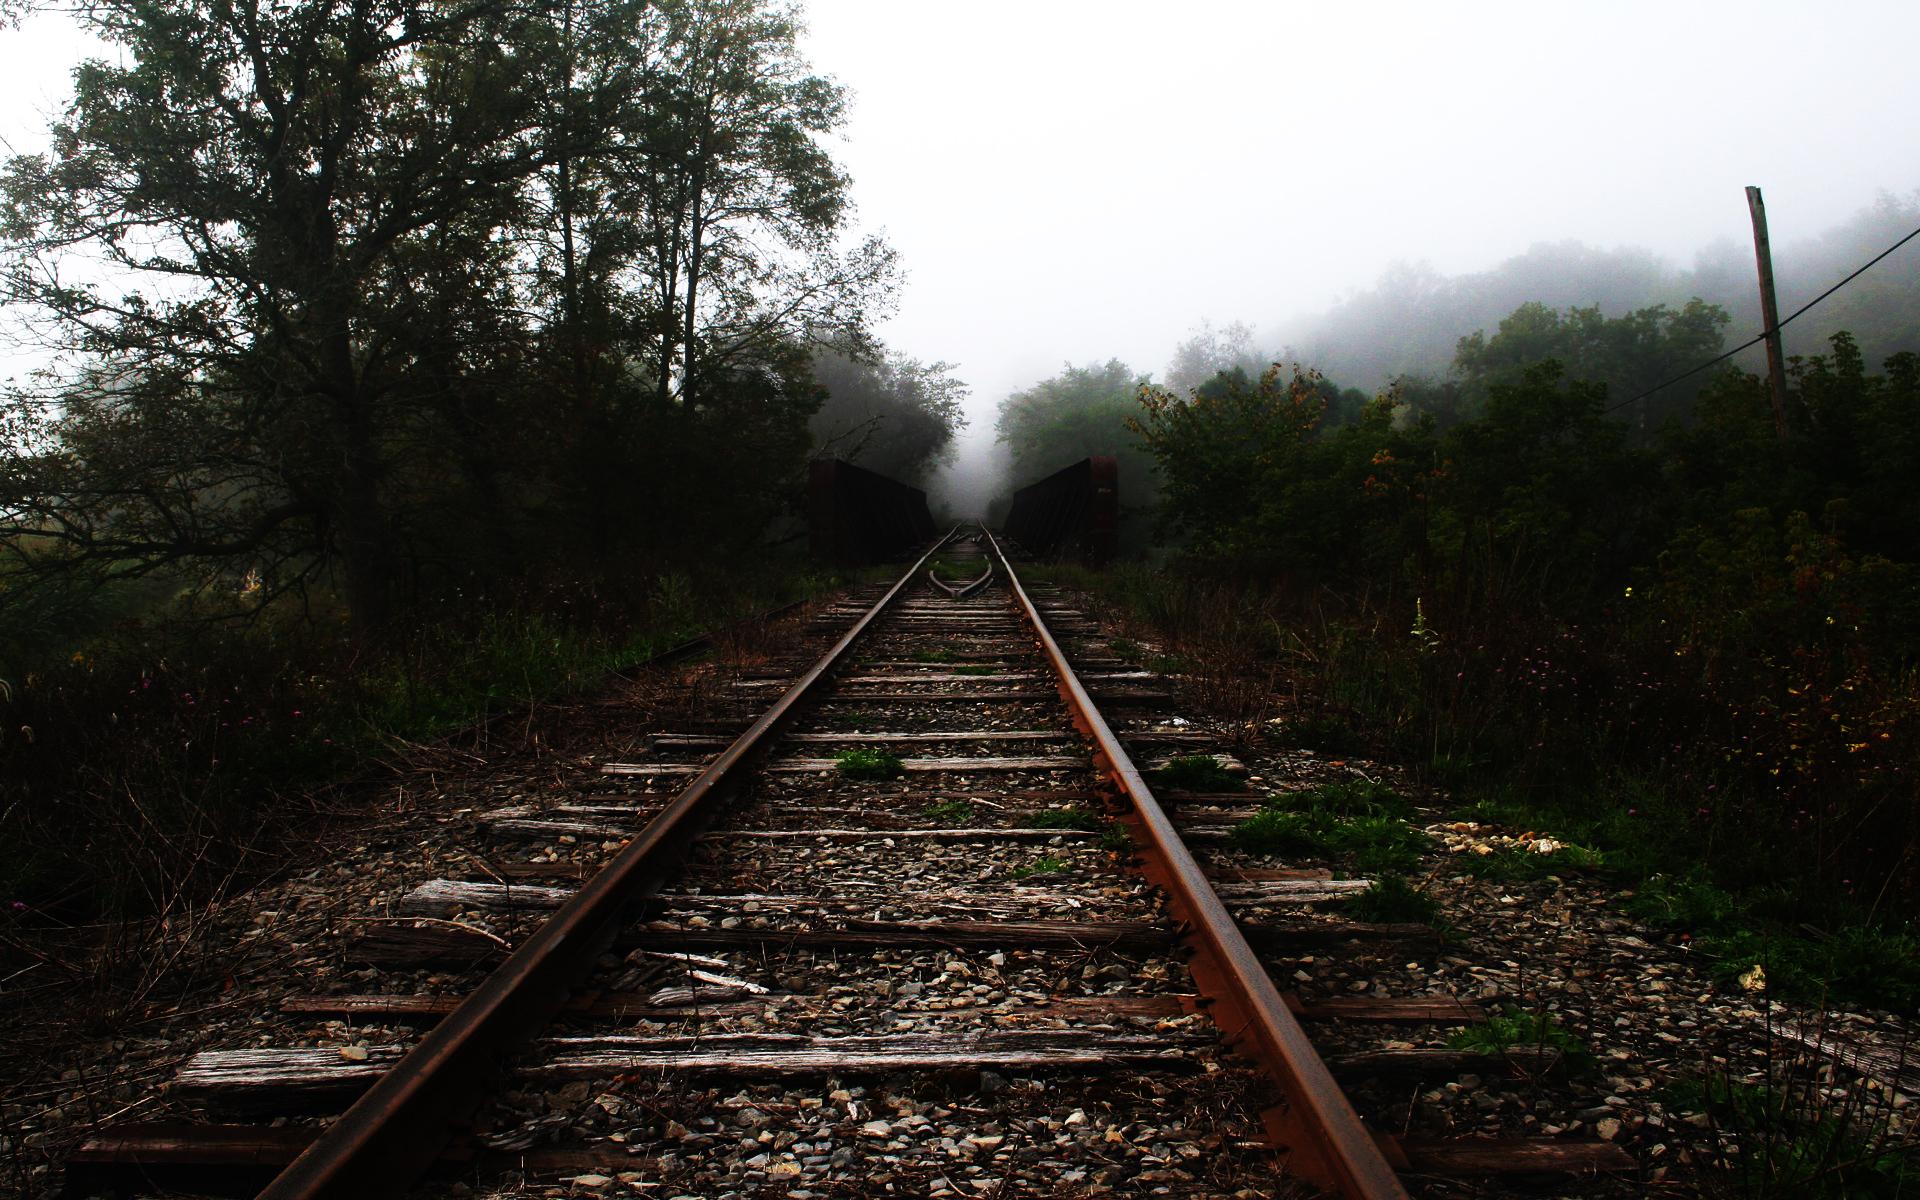 Заброшенная дорога в лесу  № 1103936 бесплатно